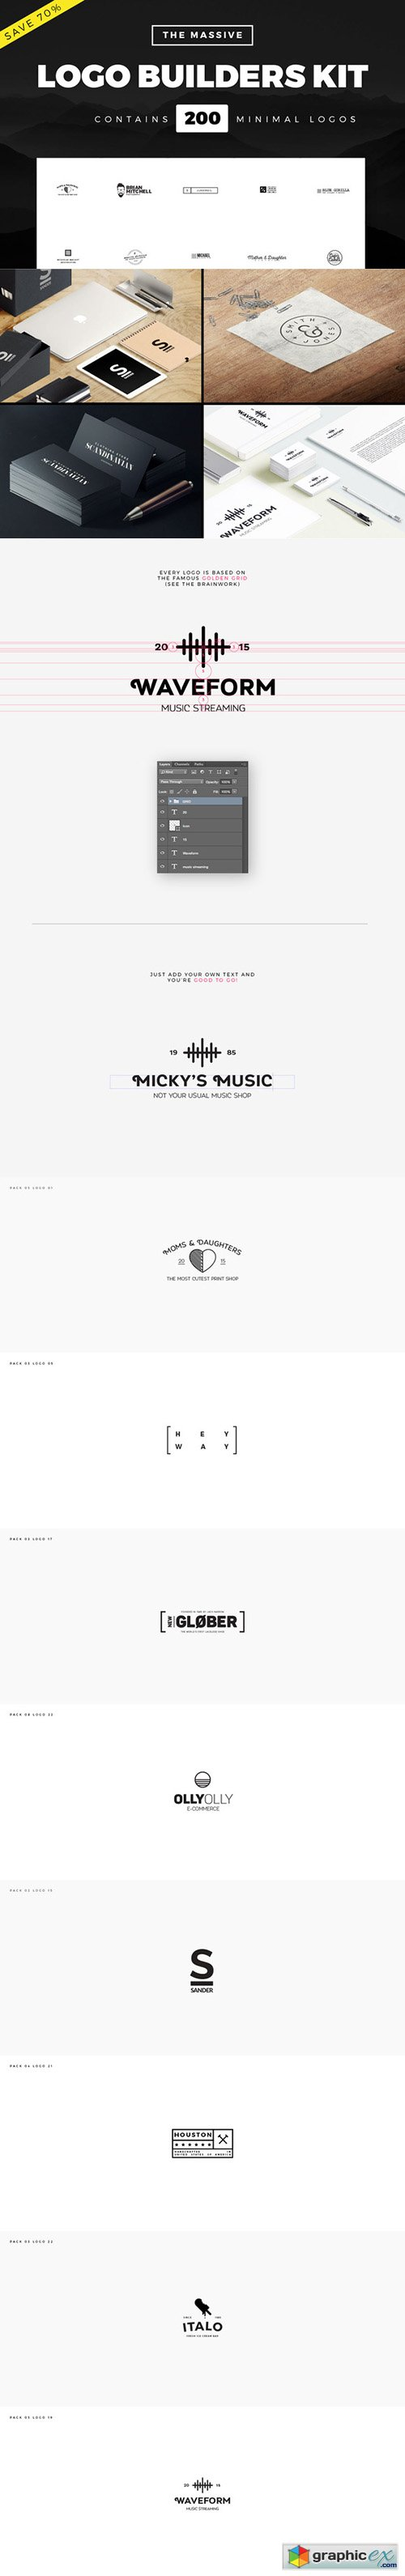 Massive Logo Builder Kit | 200 Logos